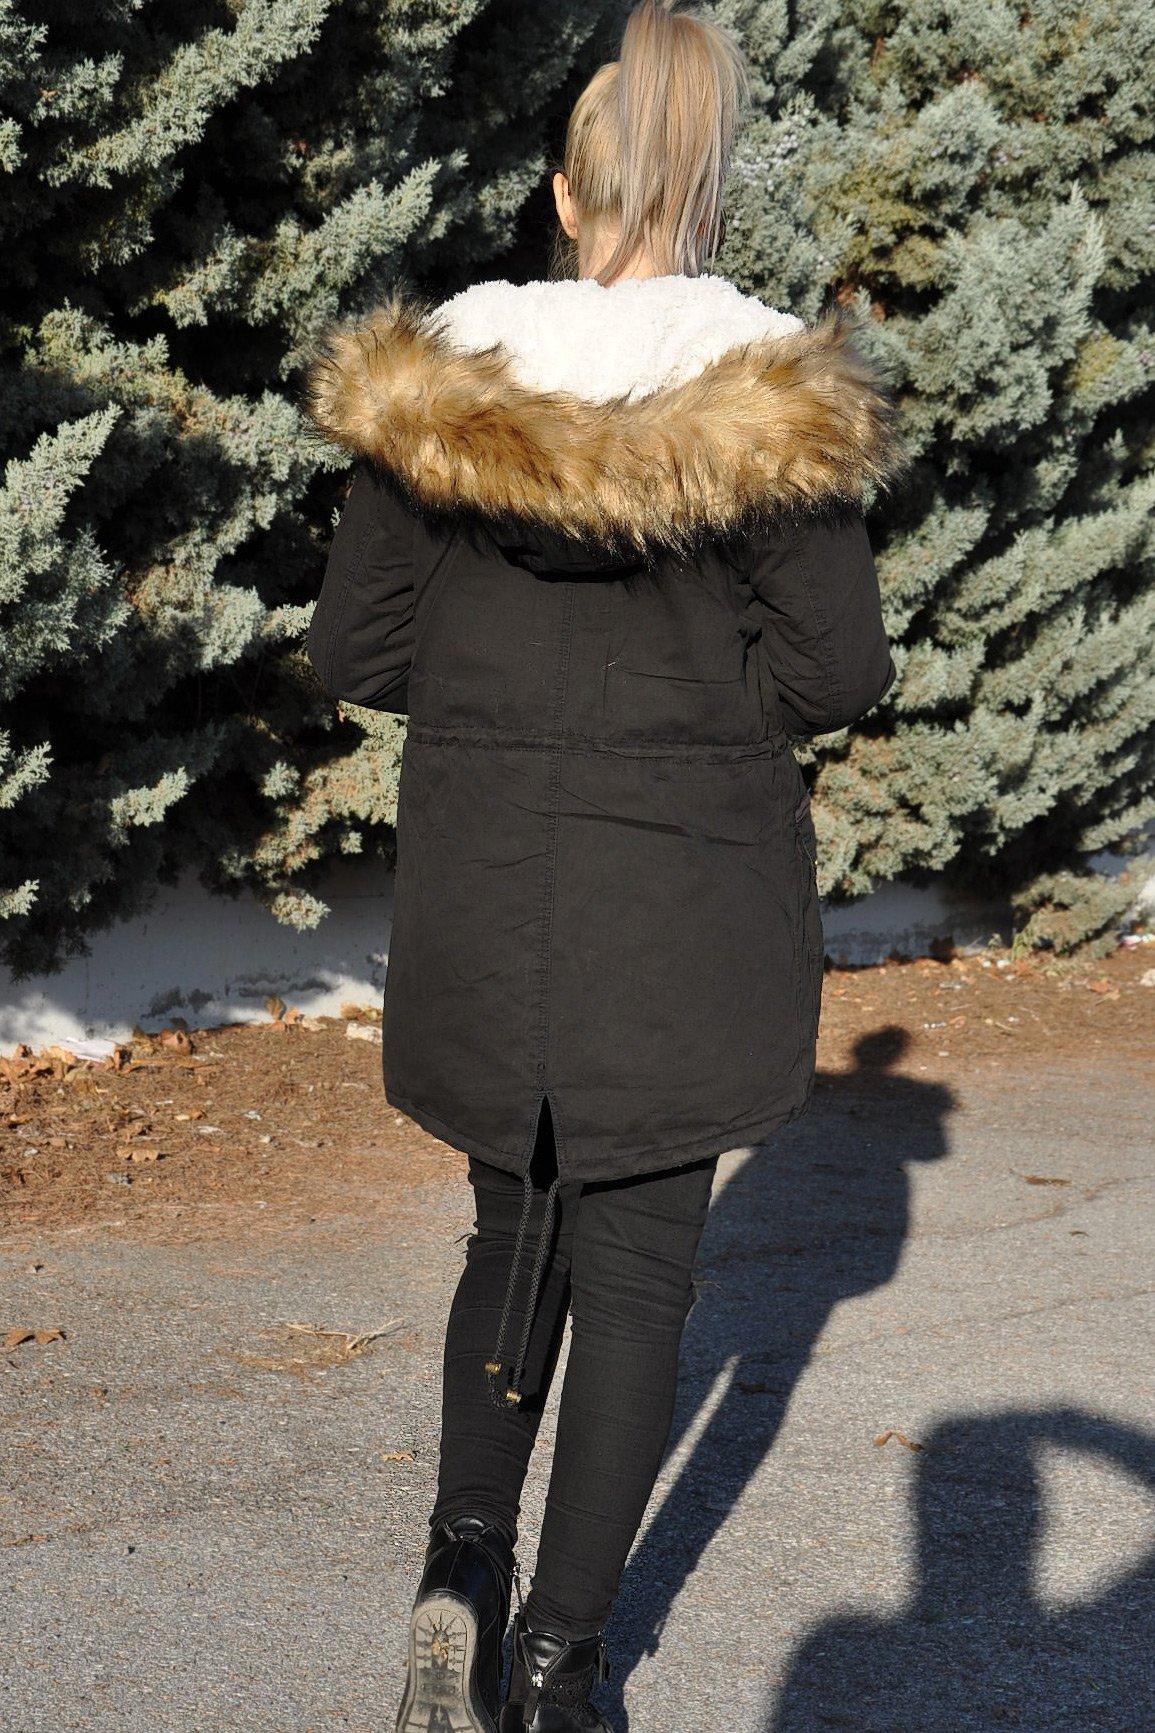 Μπουφάν παρκά με γούνινη κουκούλα μαύρο - πίσω όψη